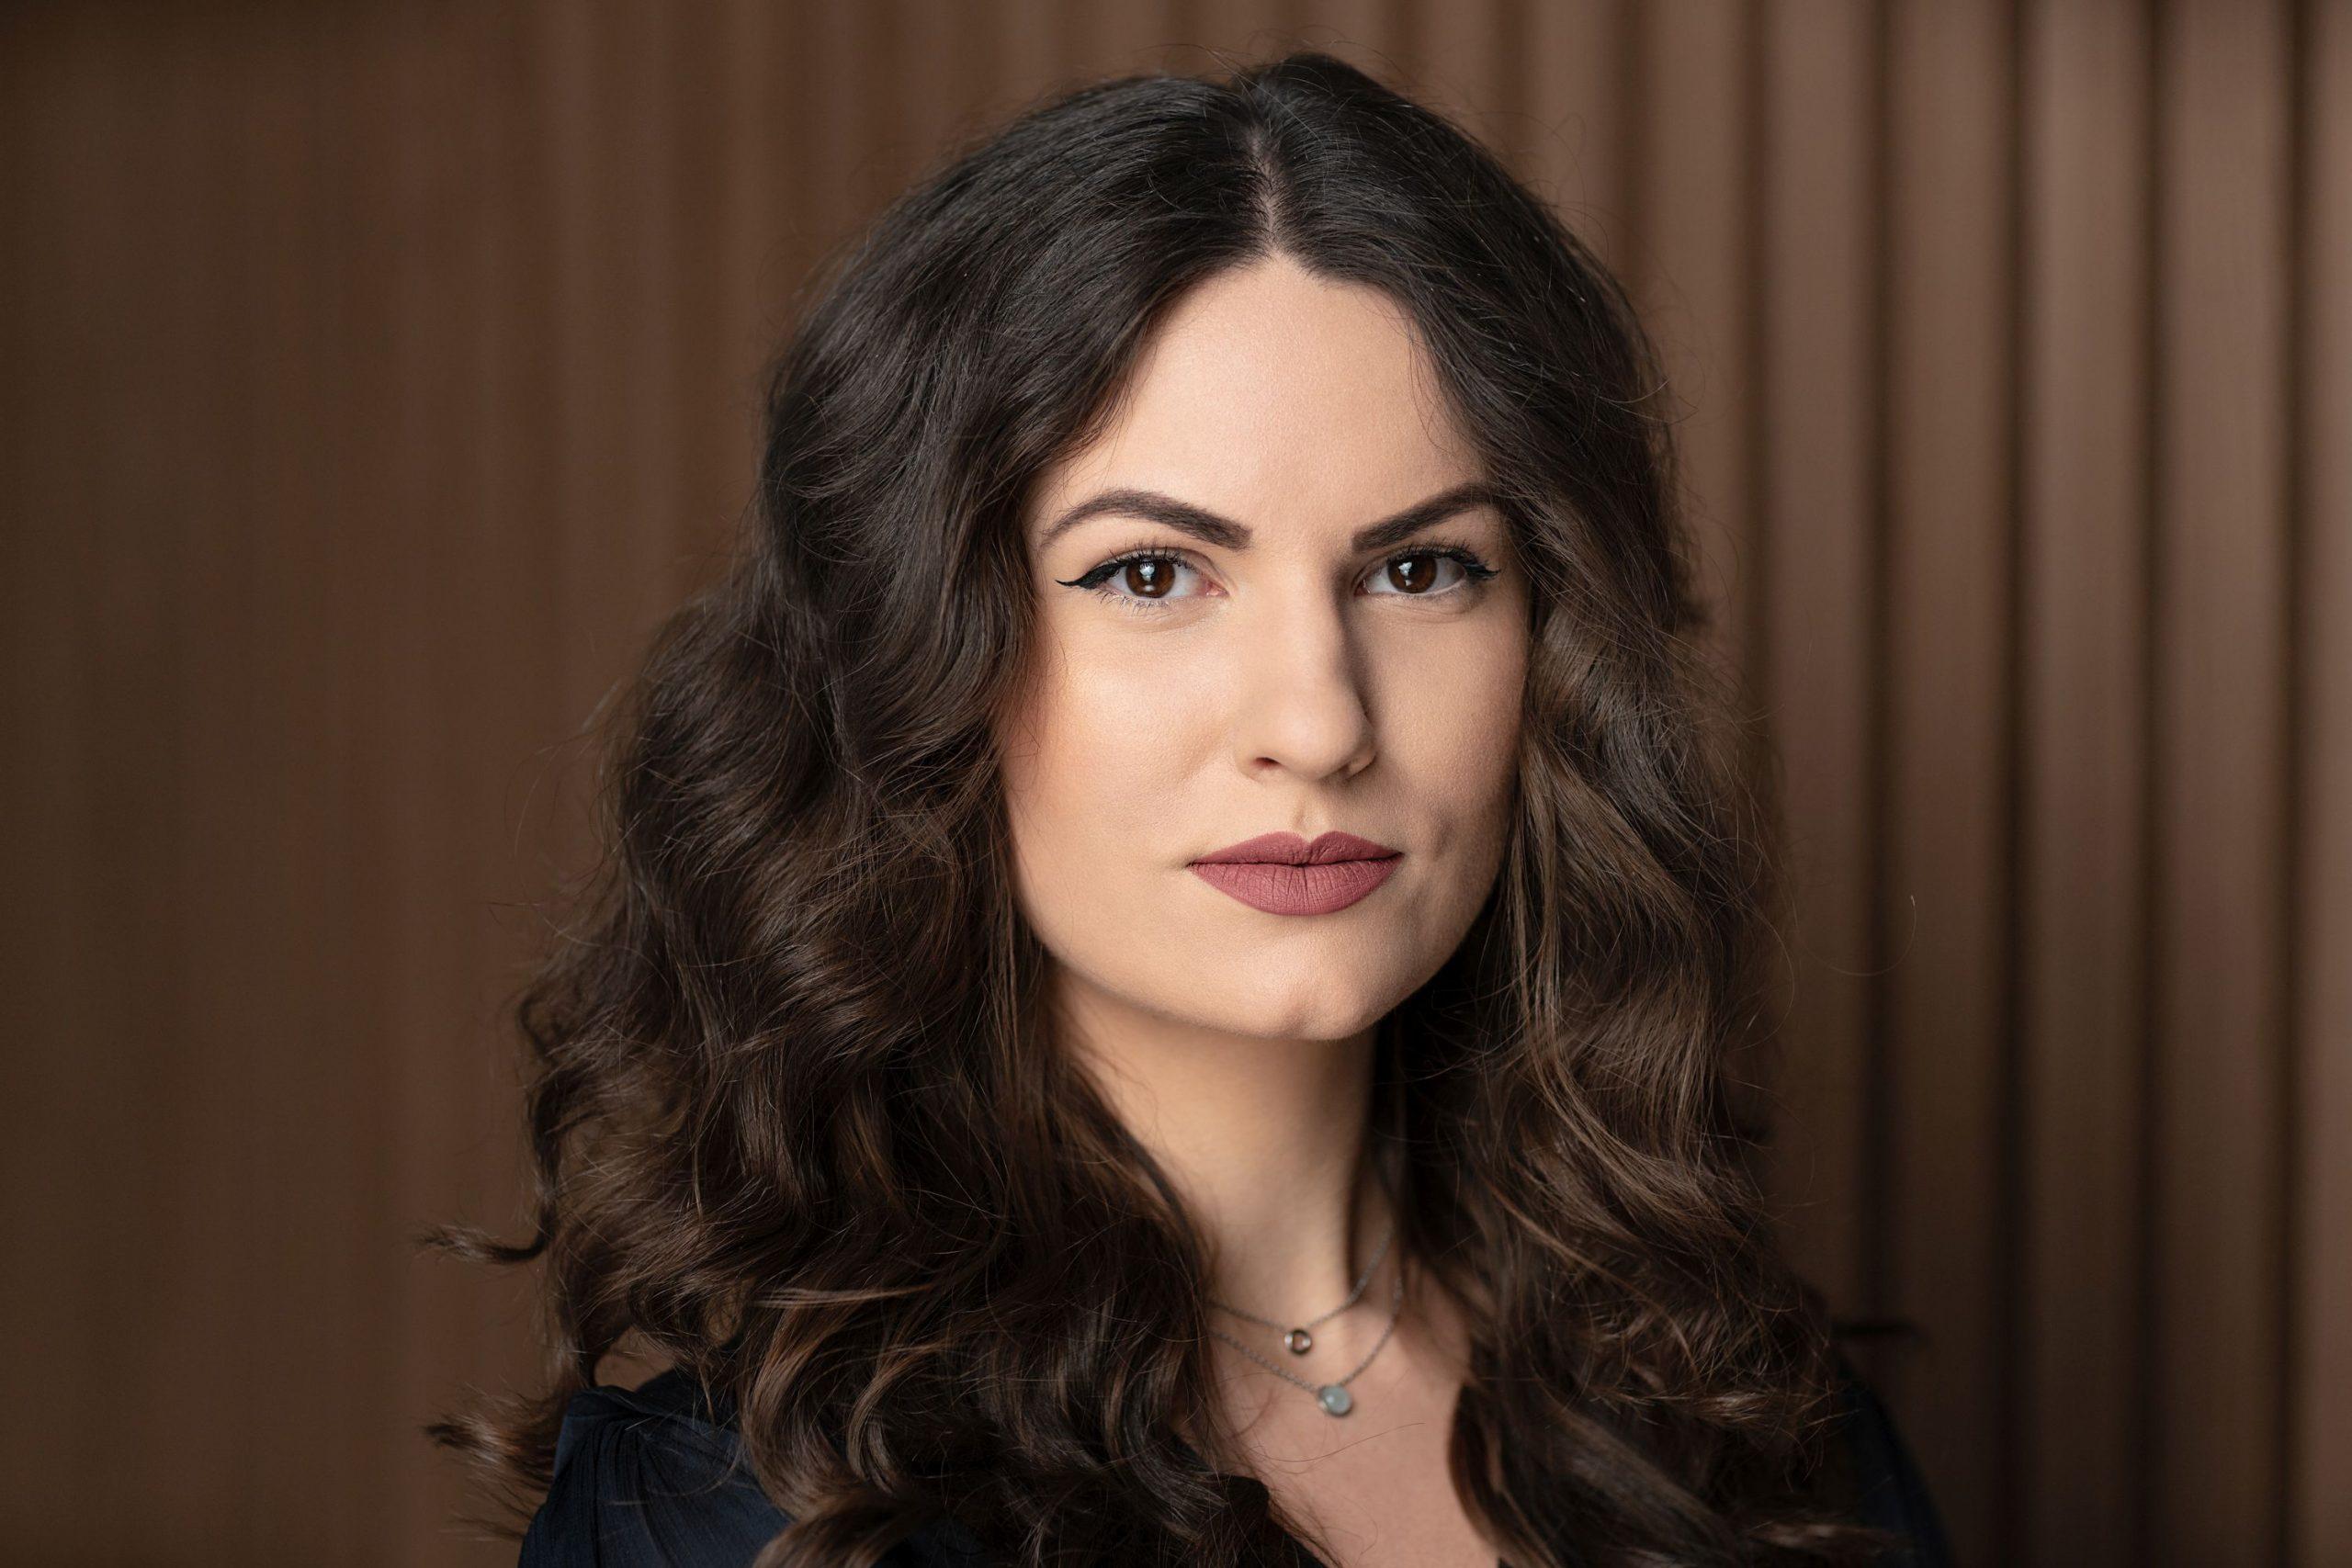 Georgiana Ghinescu